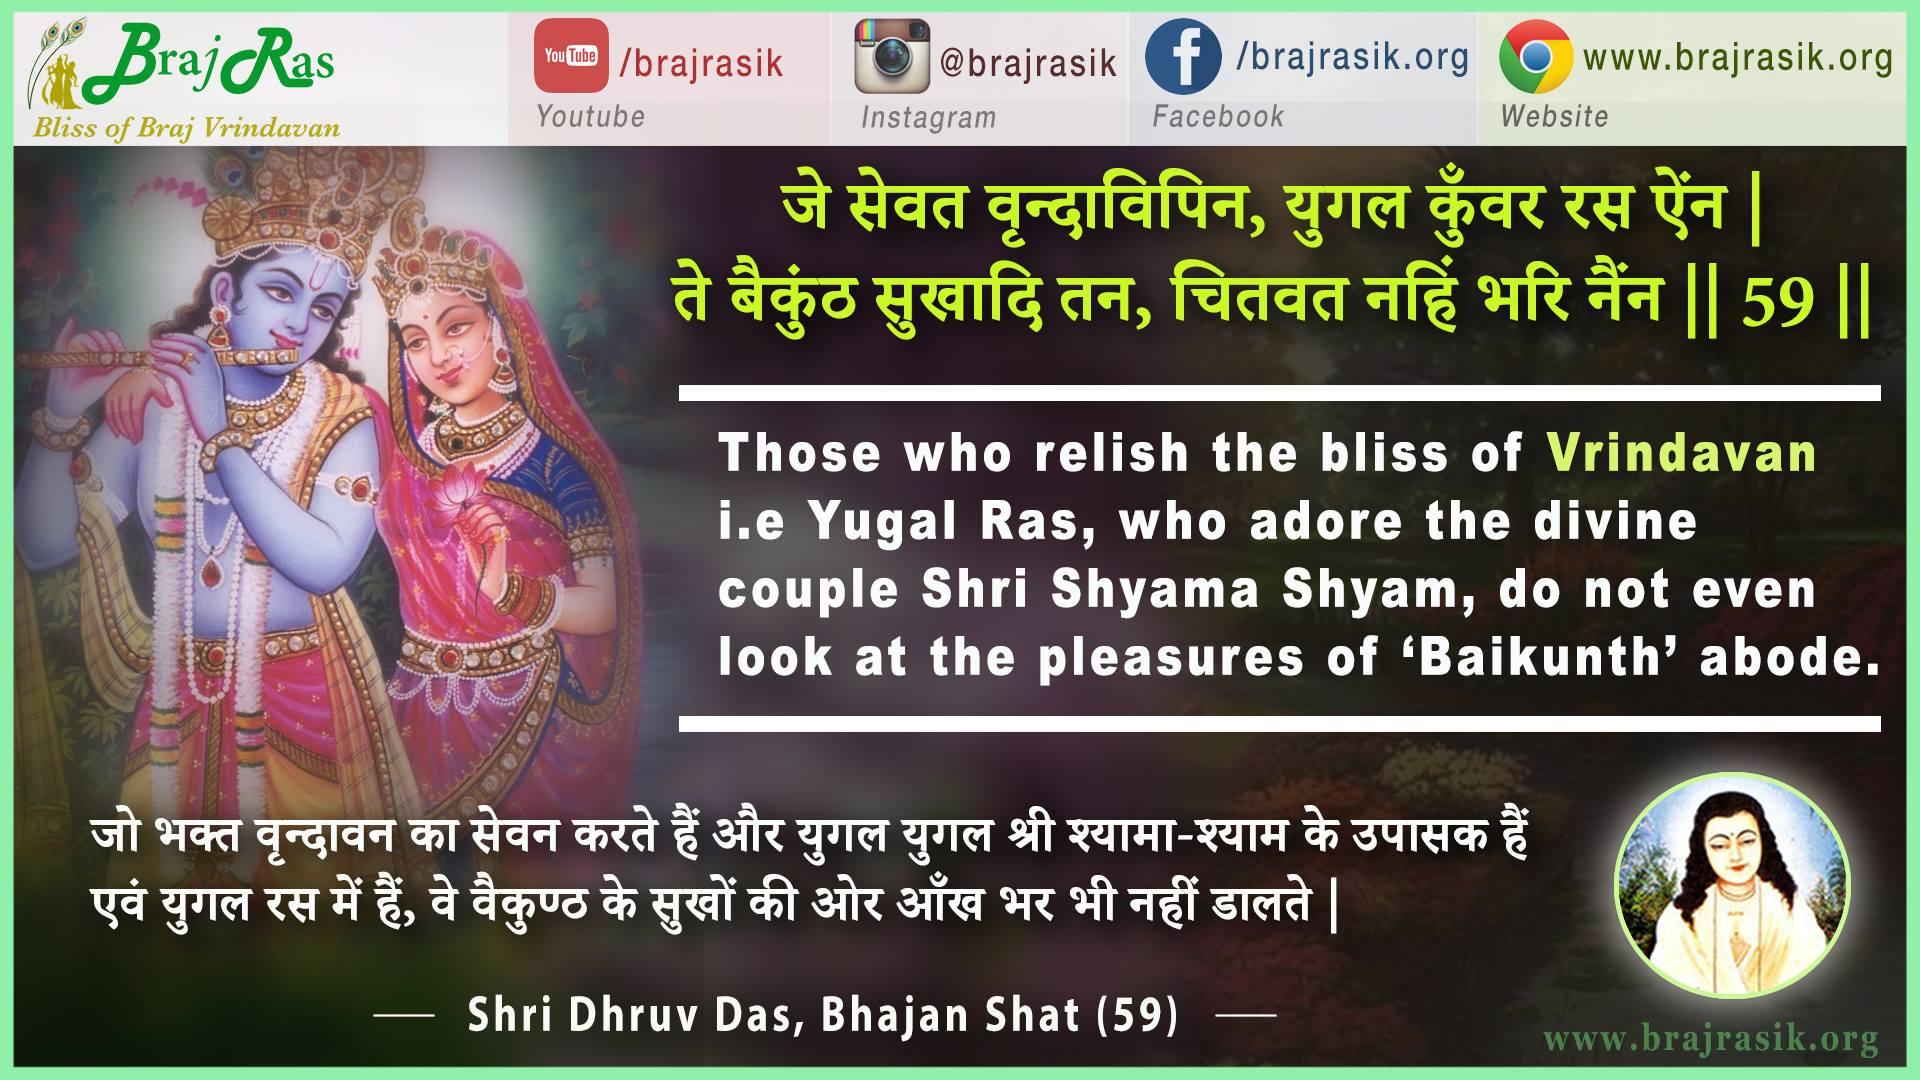 Je Sewat Vrindavipin -  Shri Dhruvdas, Bhajan Shat